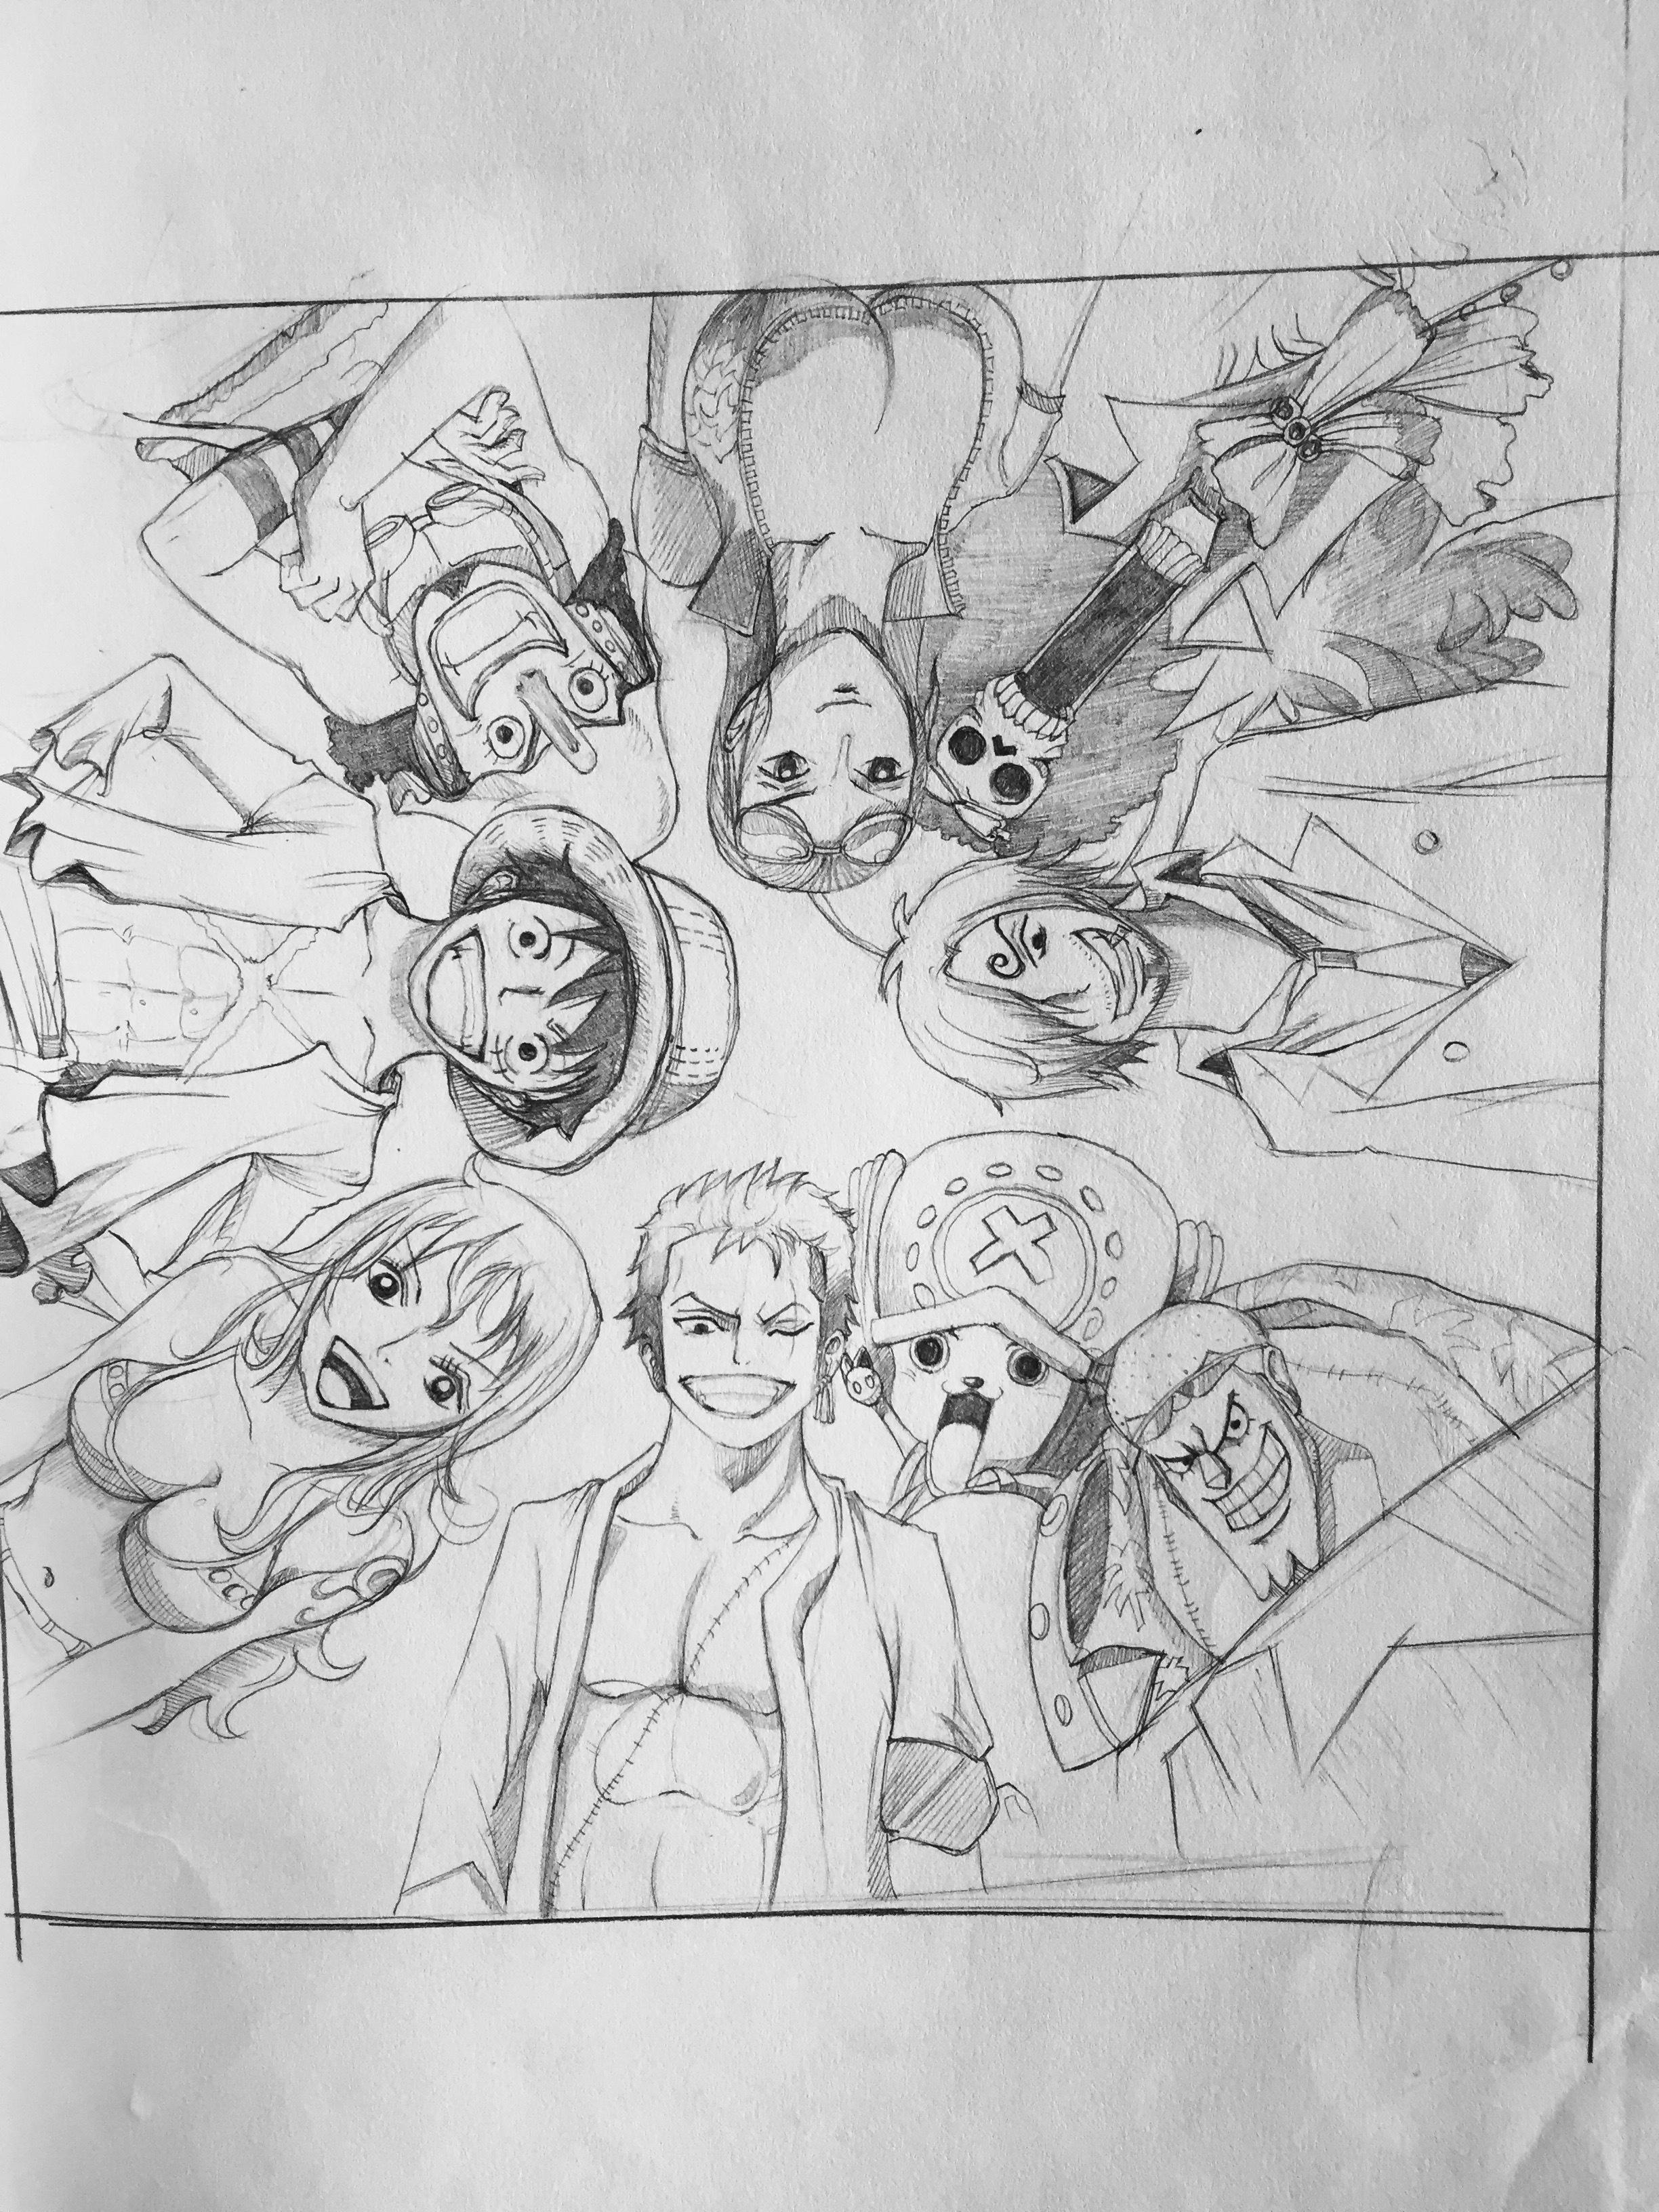 漫画手绘|动漫|其他动漫|暴走大强 - 临摹作品 - 站酷